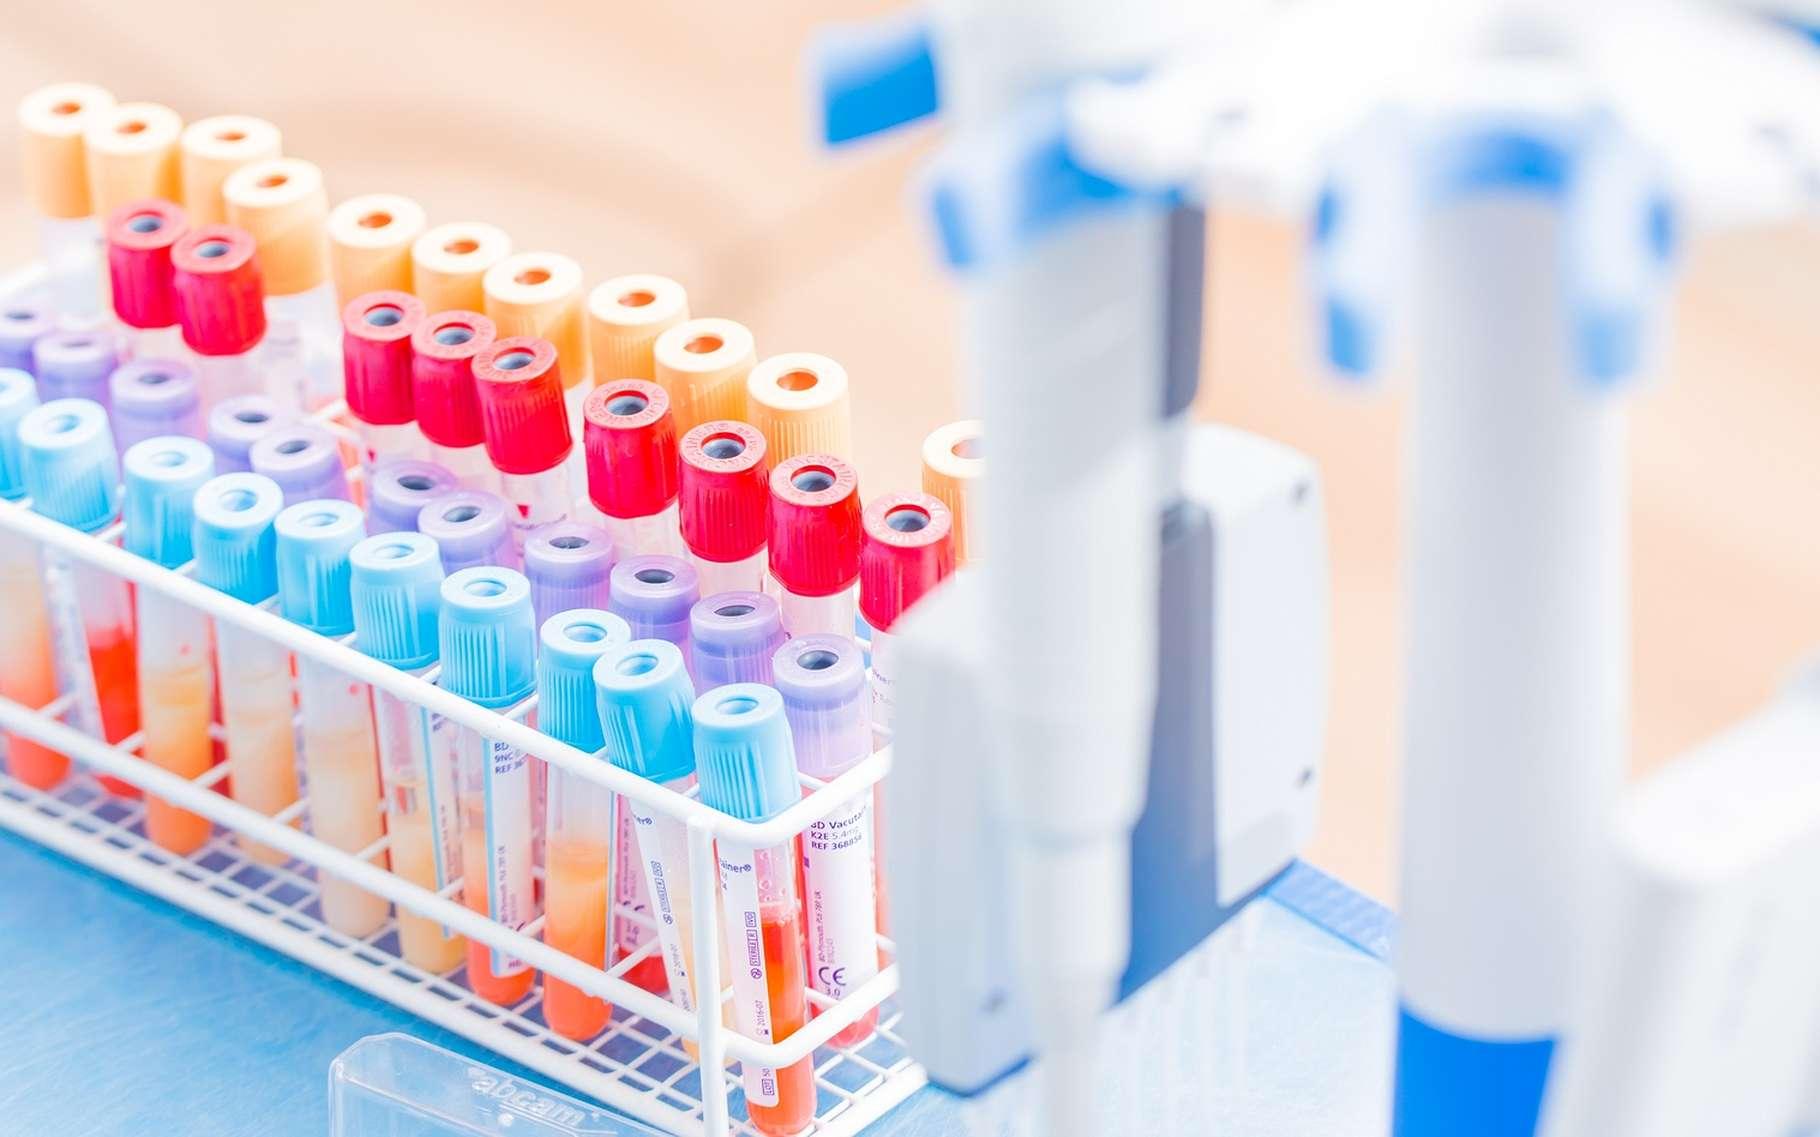 La cytométrie en flux permet de trier des cellules en fonction de leurs propriétés physiques et optiques dans des échantillons hétérogènes, comme le sang. © science photo, Shutterstock